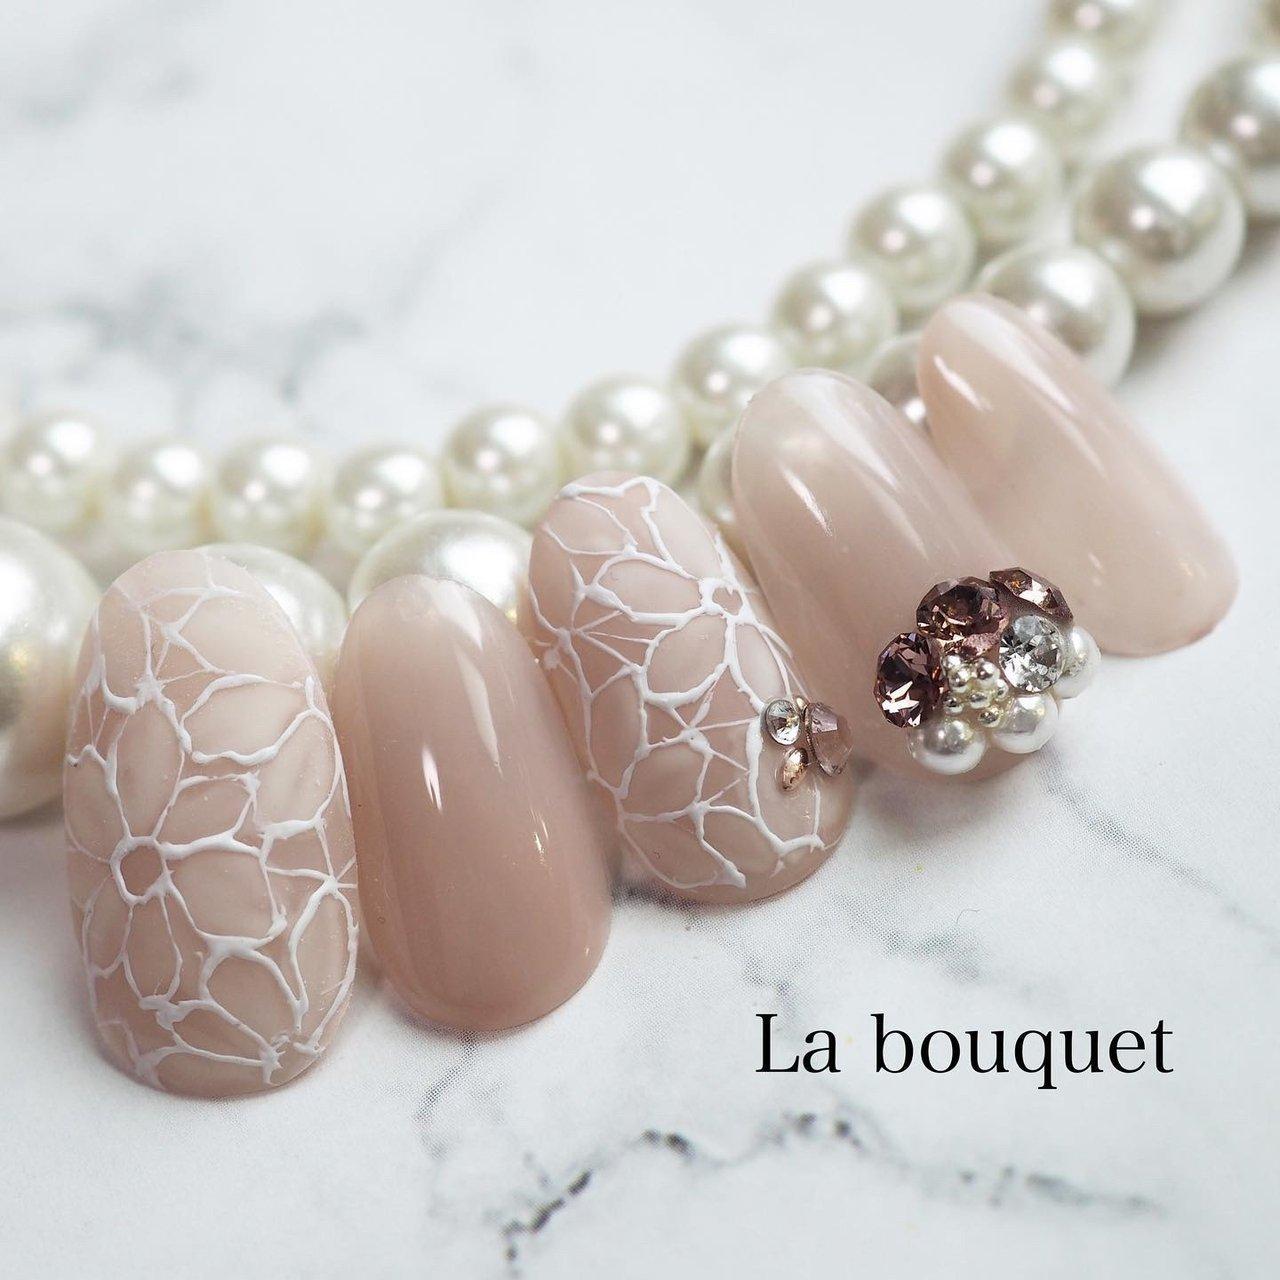 花嫁さん、 こんなブライダルネイルは いかがですか♡  フラワーアートに苦手意識のあるネイリストさん、 フラワーアートレッスンを受講して 自信を持ってブライダルネイルを 担当させていただきましょう♡  フラワーアートレッスン 受講生募集中です!  #ブライダルネイル #ウェディングネイル #花嫁さんと繋がりたい  #bridalnail #wedding #La bouquet ウサミレナ #ネイルブック